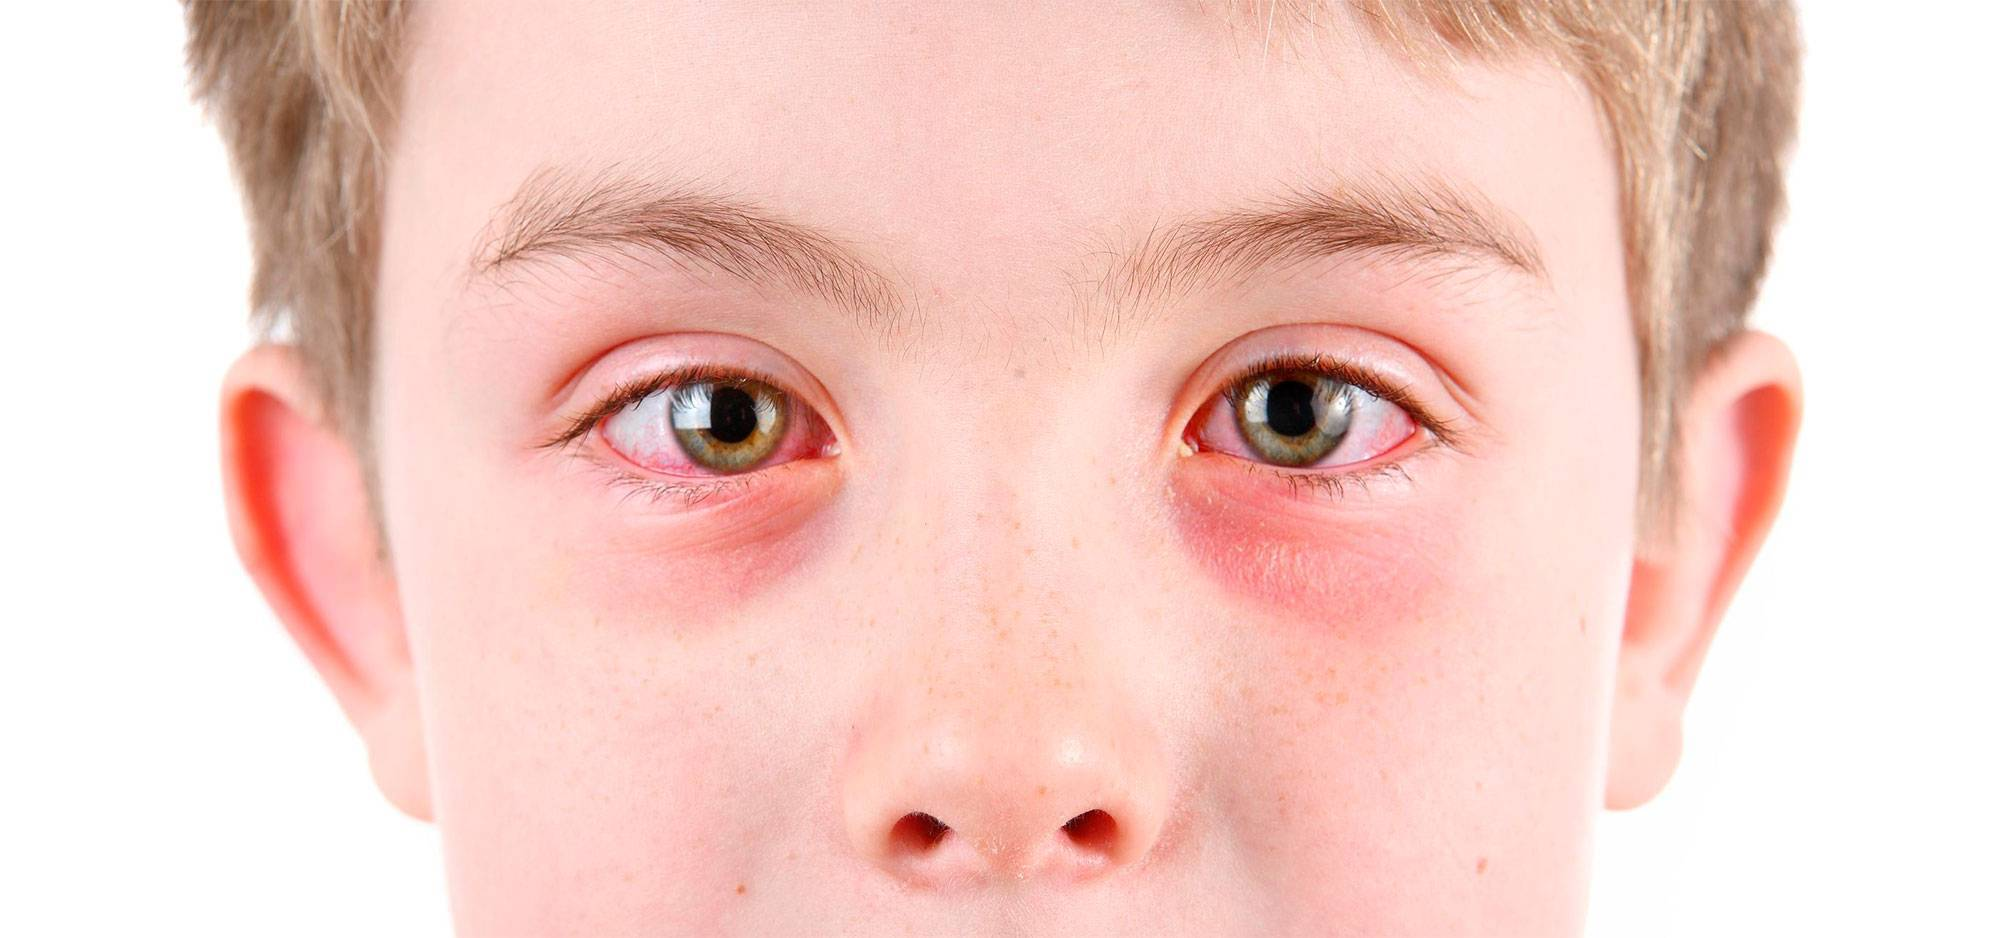 Что делать в домашних условиях, если в глаза попала соринка – доступная инструкция